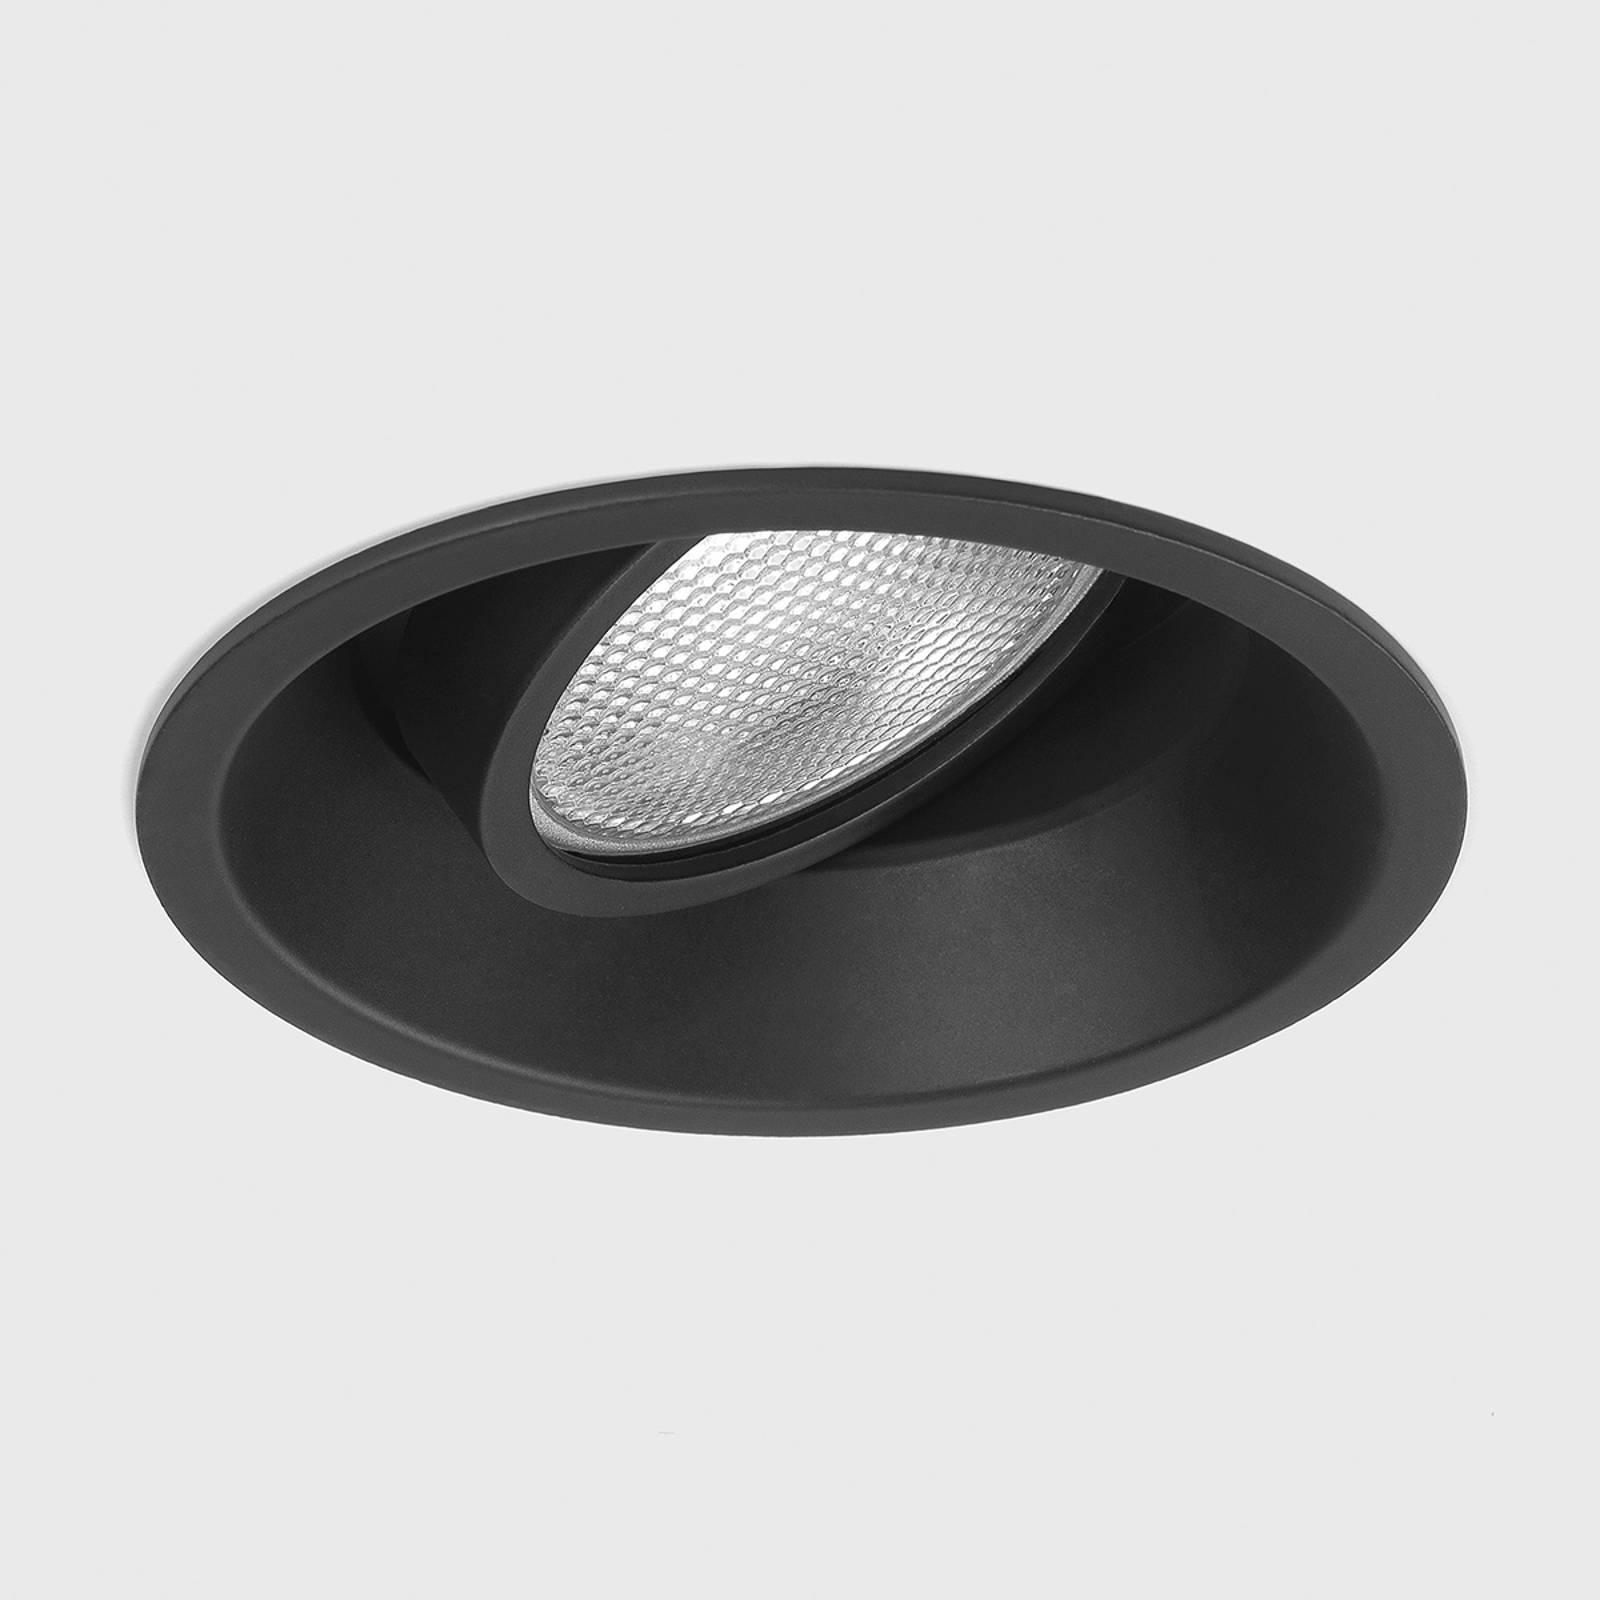 Astro Minima Round Adjustable -uppovalo musta